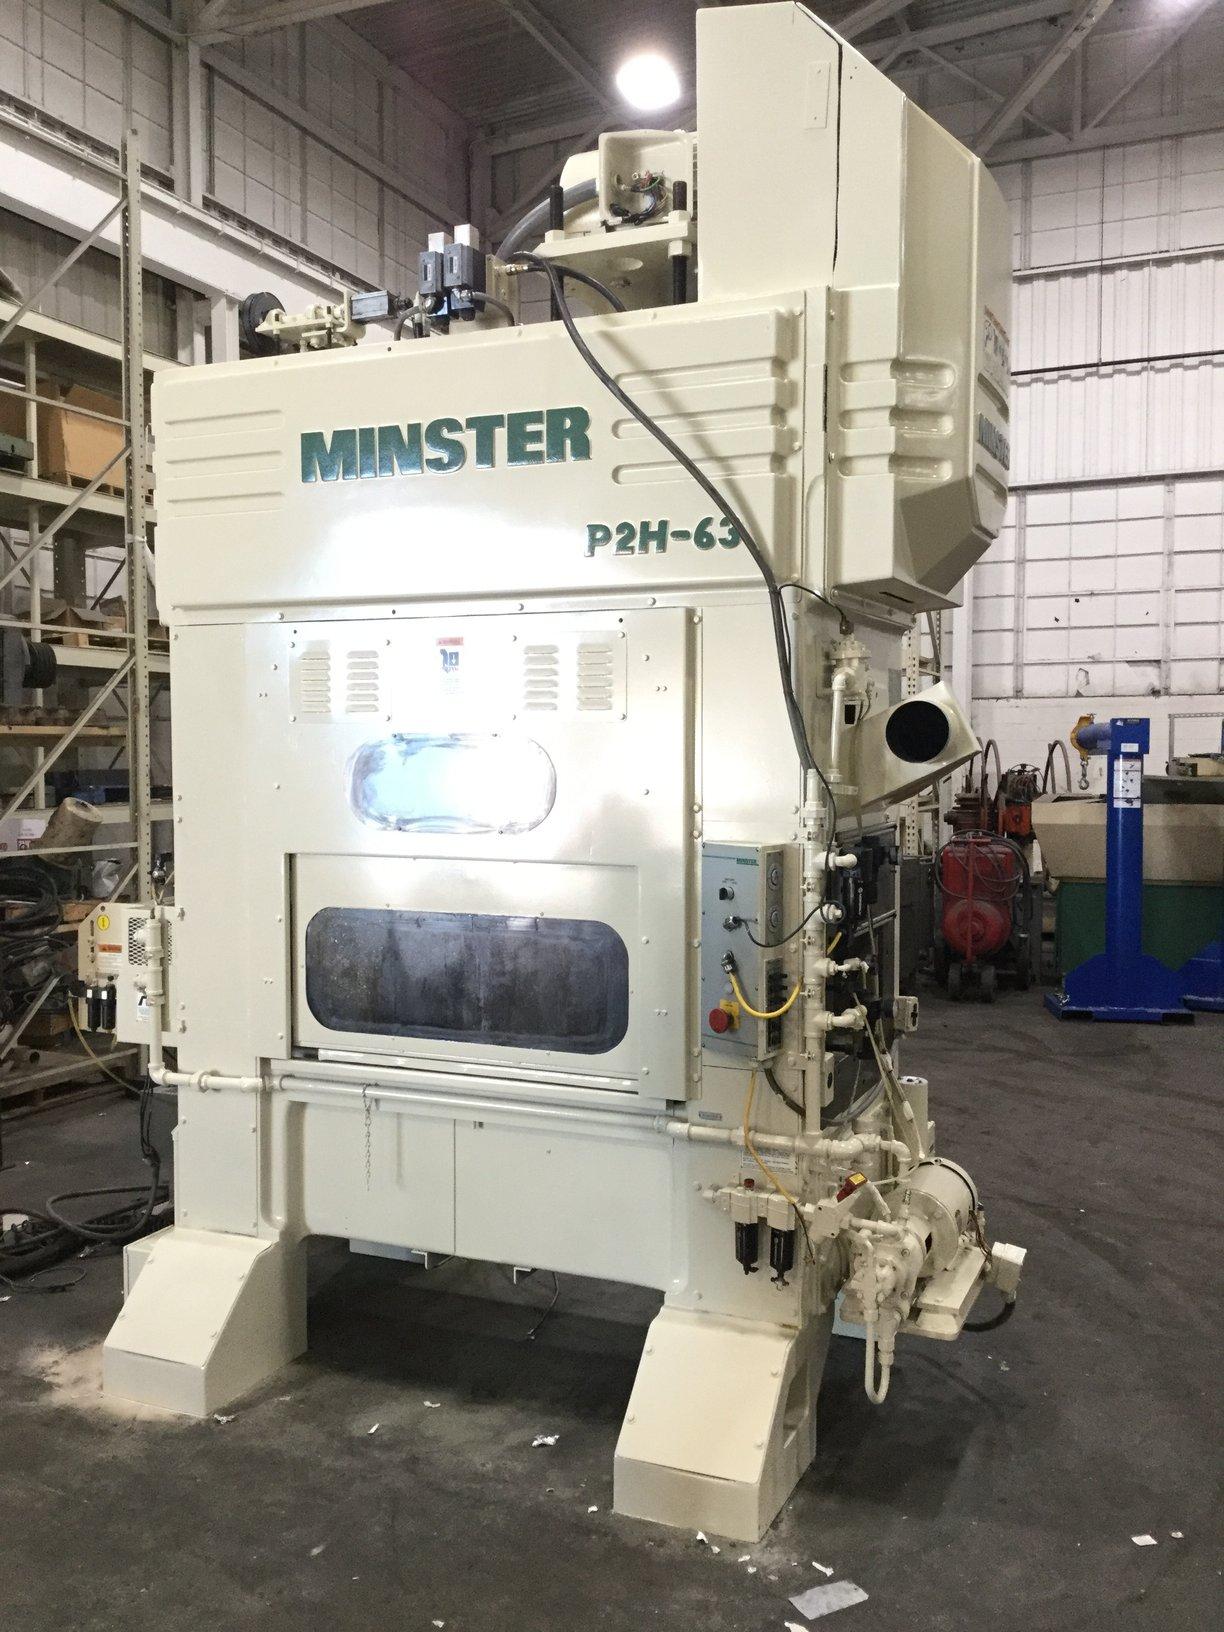 MINSTER P2H-63 HIGH SPEED PRESS